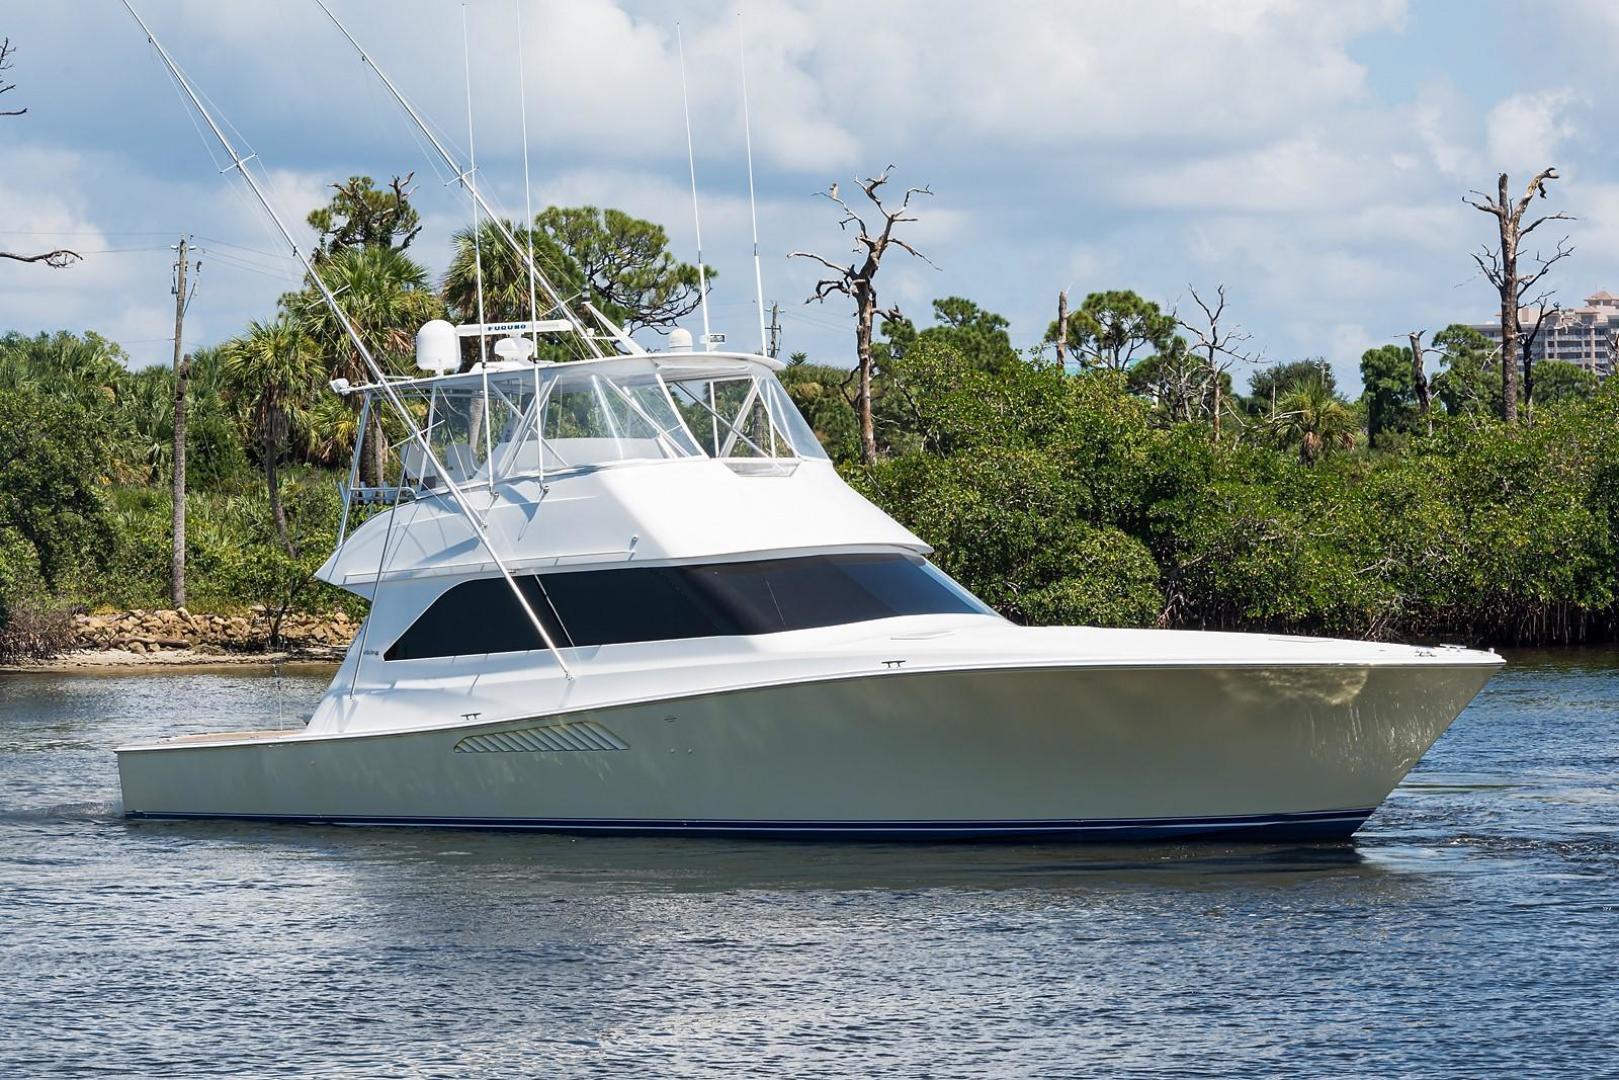 Viking-Convertible 2001-No Vacancy Palm Beach Gardens-Florida-United States-No Vacancy-1499903 | Thumbnail